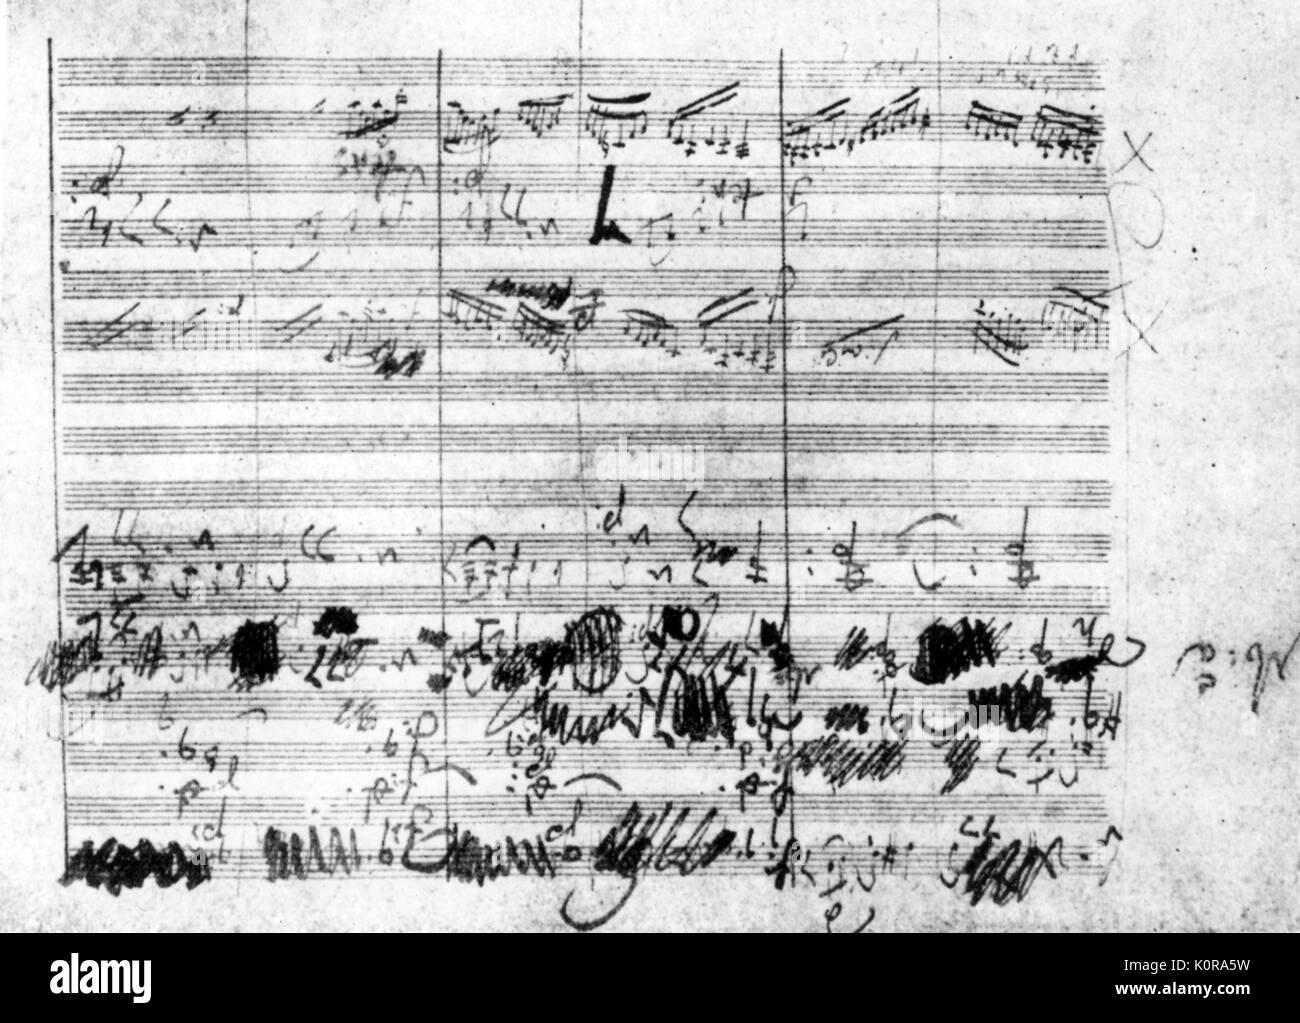 BEETHOVEN - Op 61 Violin Concerto Ludwig van Beethoven